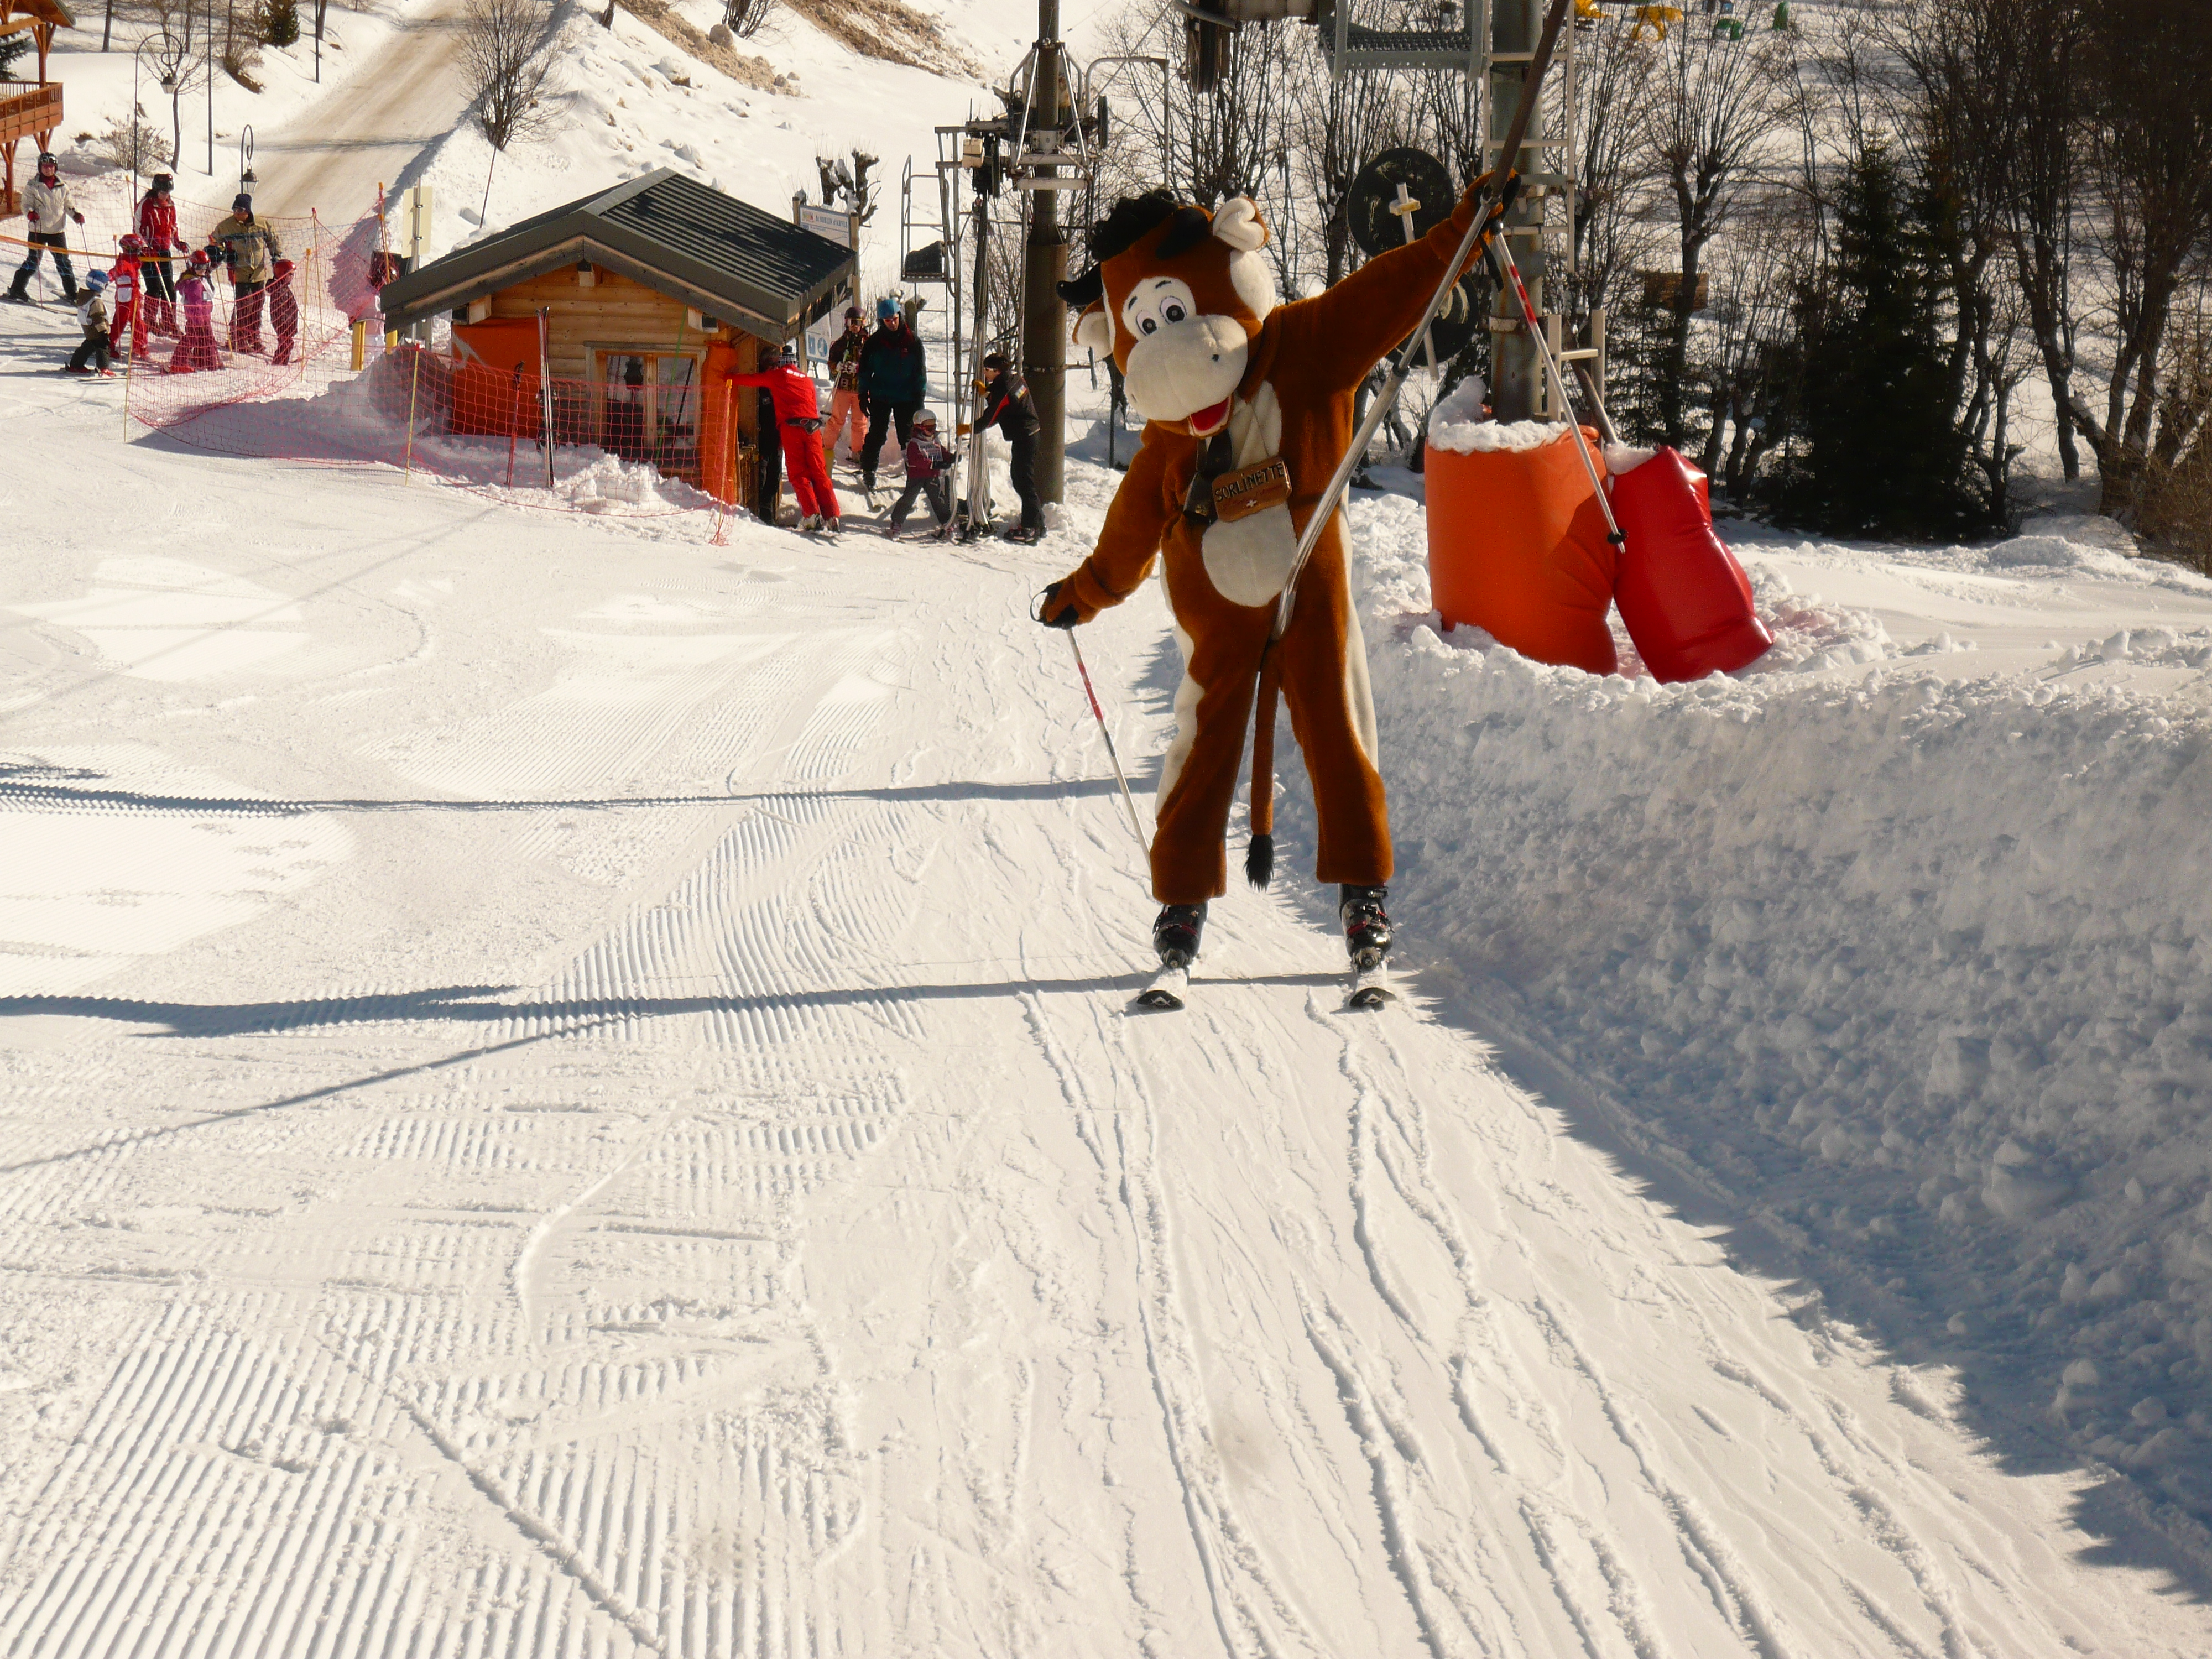 Sorlinette, la mascotte de Saint Sorlin d'Arves fait du ski © Office de Tourisme de Saint Sorlin d'Arves